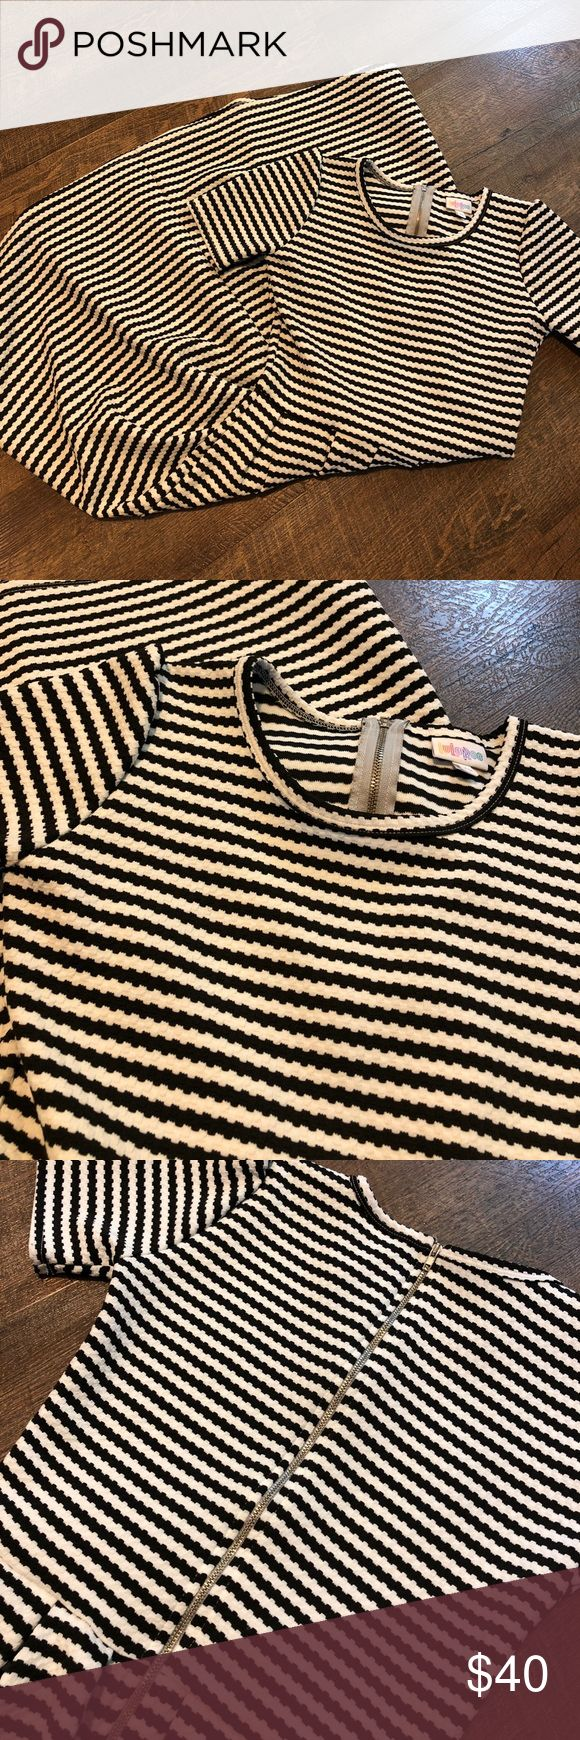 Gently used LULAROE Amelia dress, size XS. Gently used LuLaRoe Amelia dress size XS. LuLaRoe Dresses